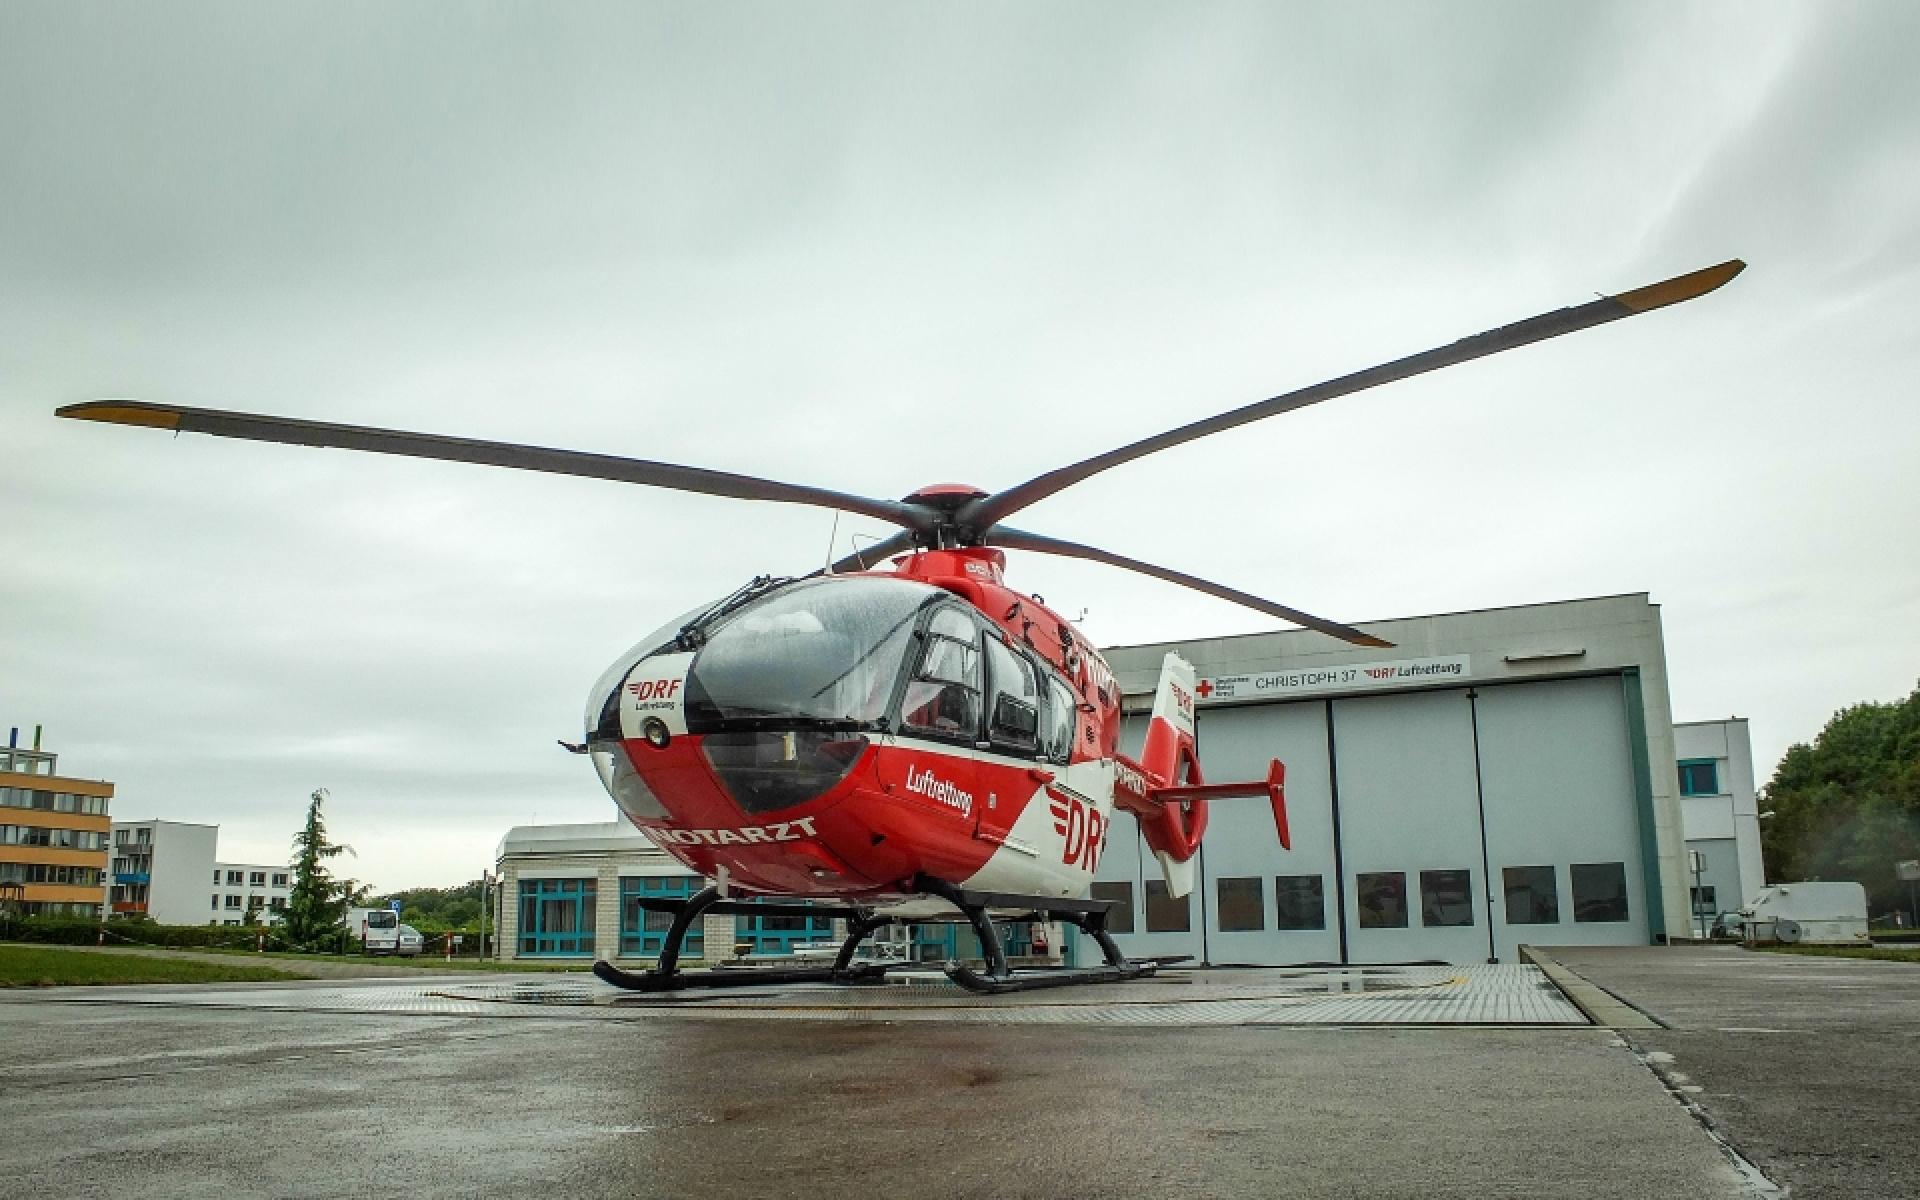 Der Hubschrauber Christoph 37 der DRF Luftrettung steht vor seiner Station